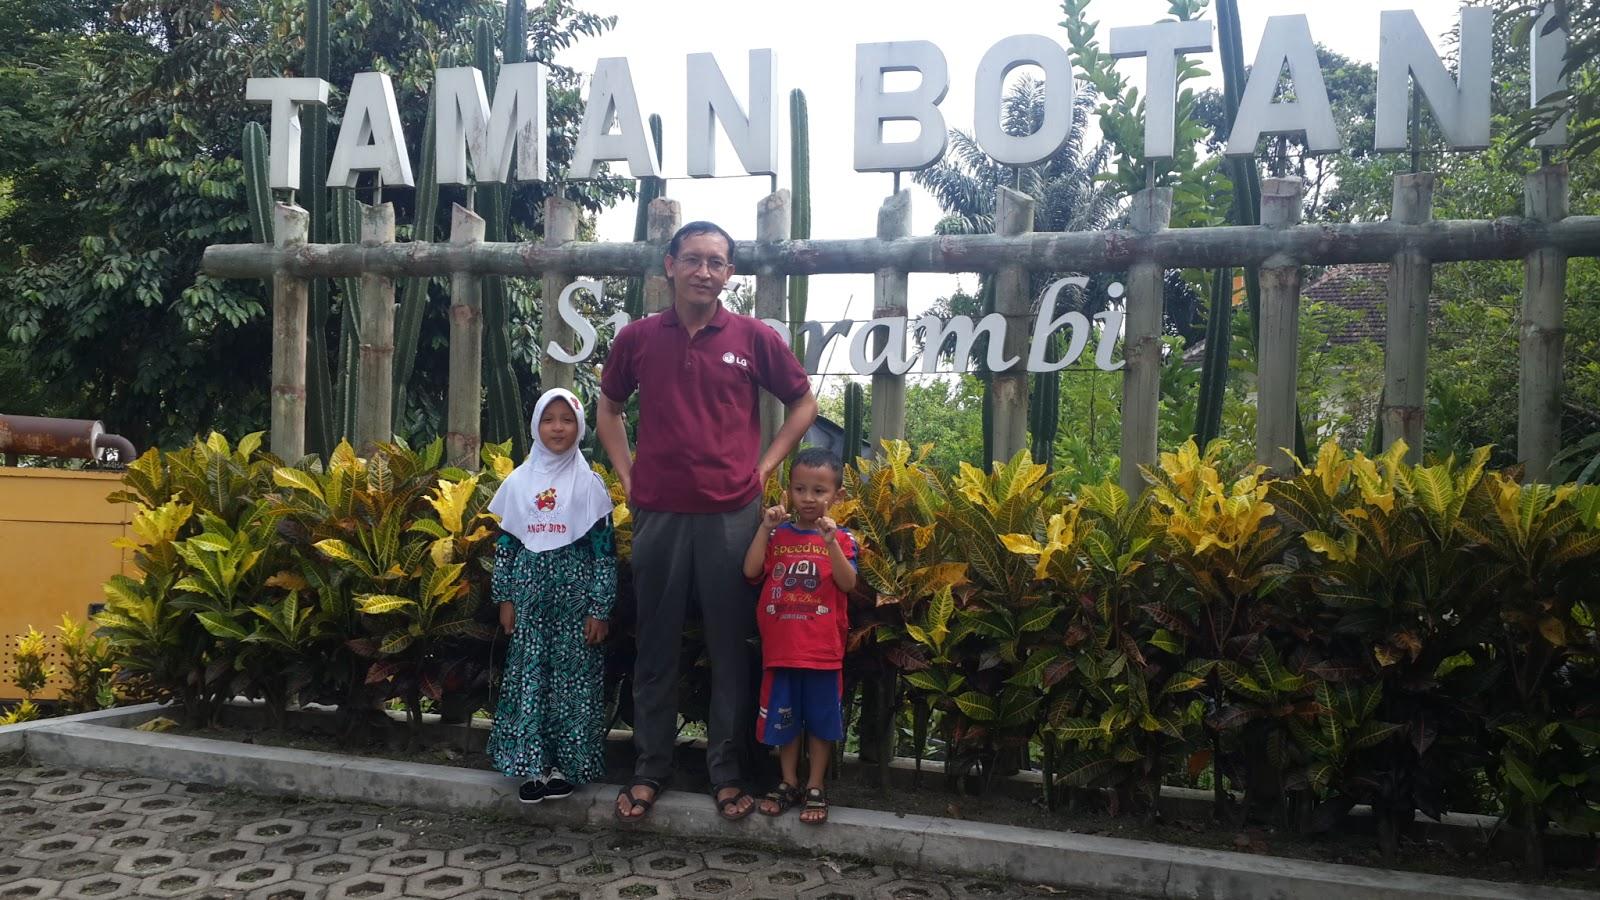 Firdaus Ubaidillah Taman Botani Sukorambi Kabupaten Jember Jawa Timur Bapak